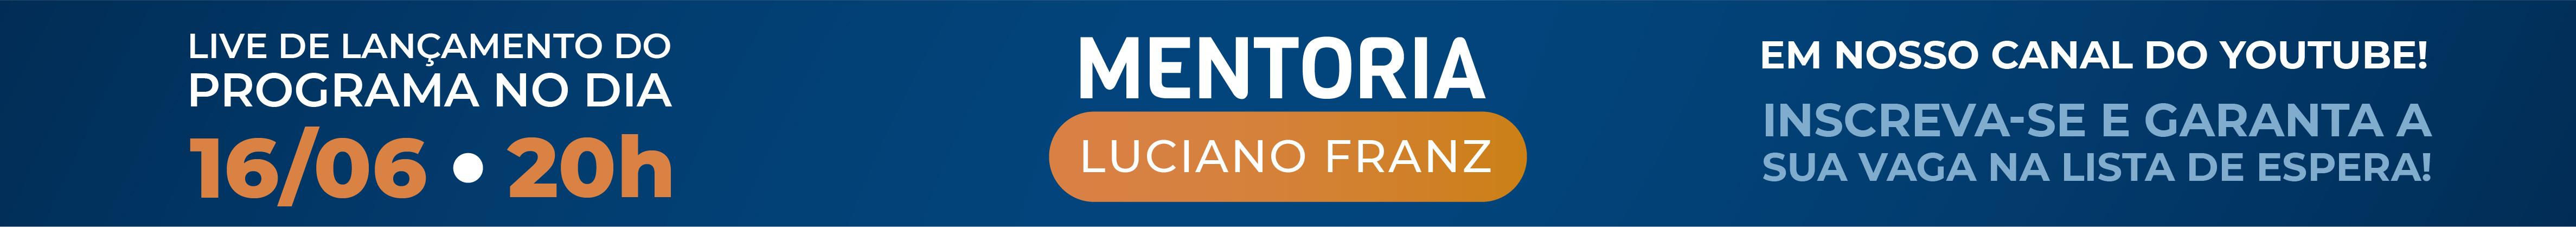 campanha de mentoria luciano franz